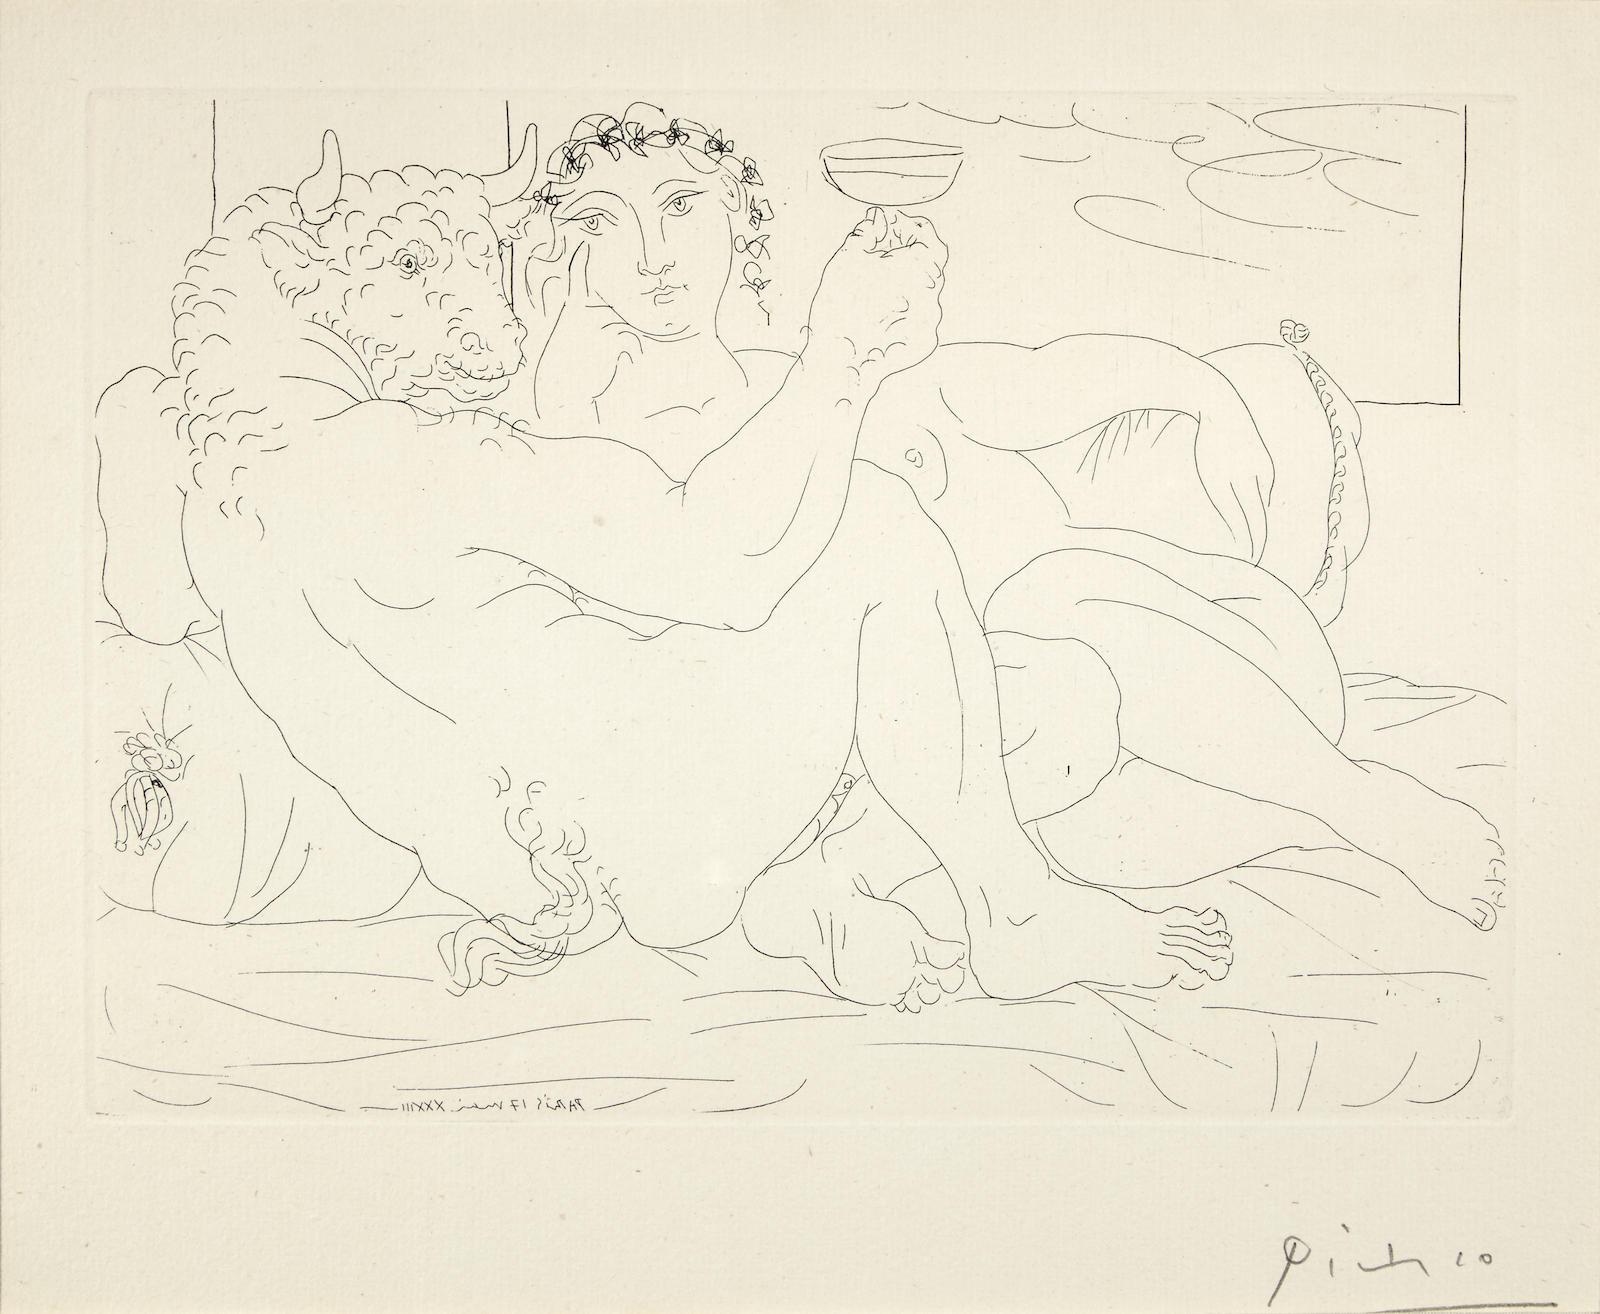 Pablo Picasso-Minotaure, une coupe a la main, et jeune femme, pl. 83, from La Suite Vollard (B. 190; Ba. 349)-1933